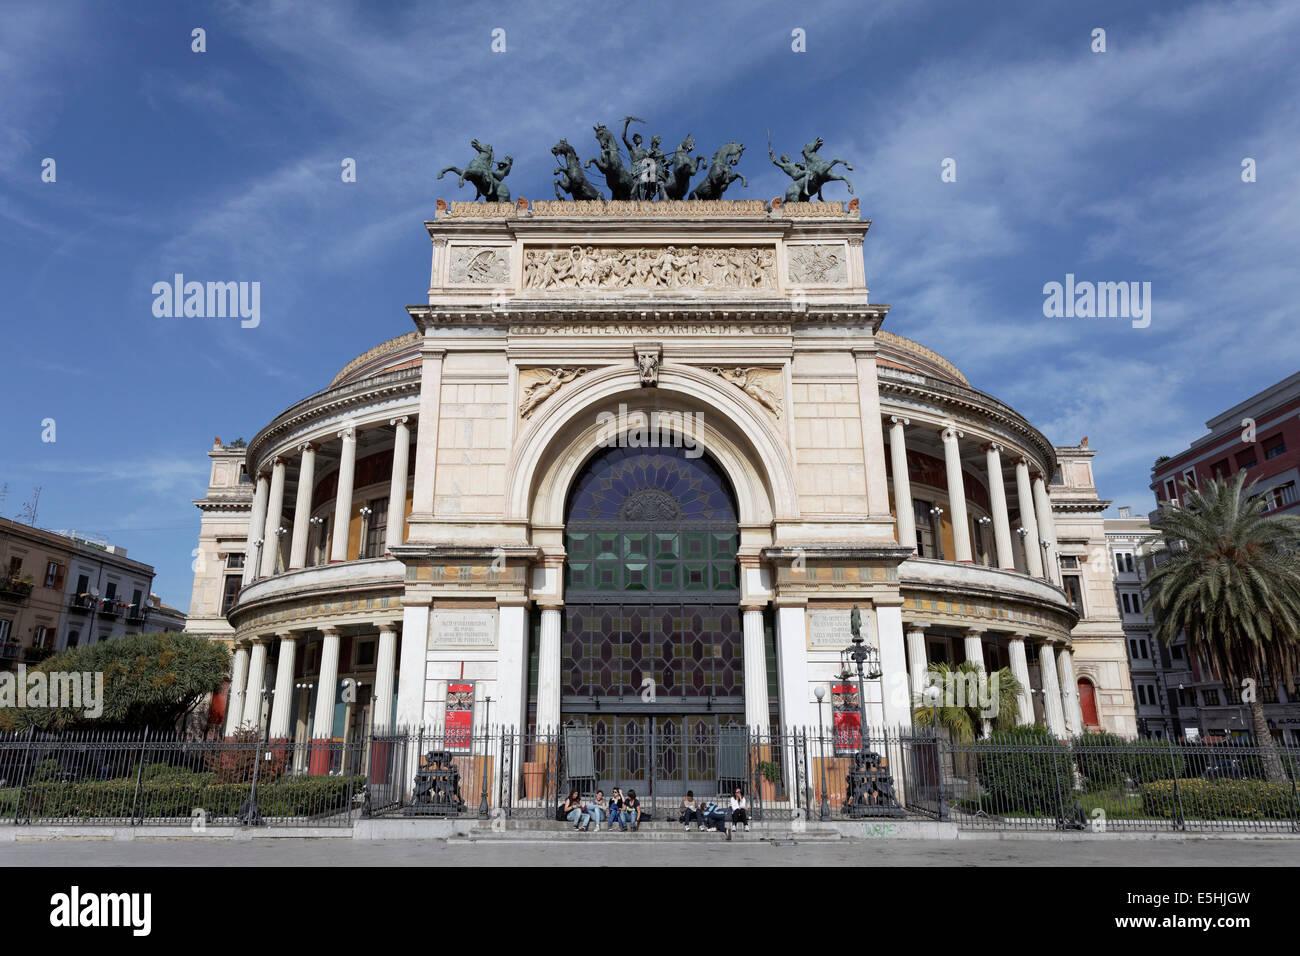 Teatro Politeama Garibaldi, theatre, Piazza Ruggero Settimo, Palermo, Sicily, Italy Stock Photo